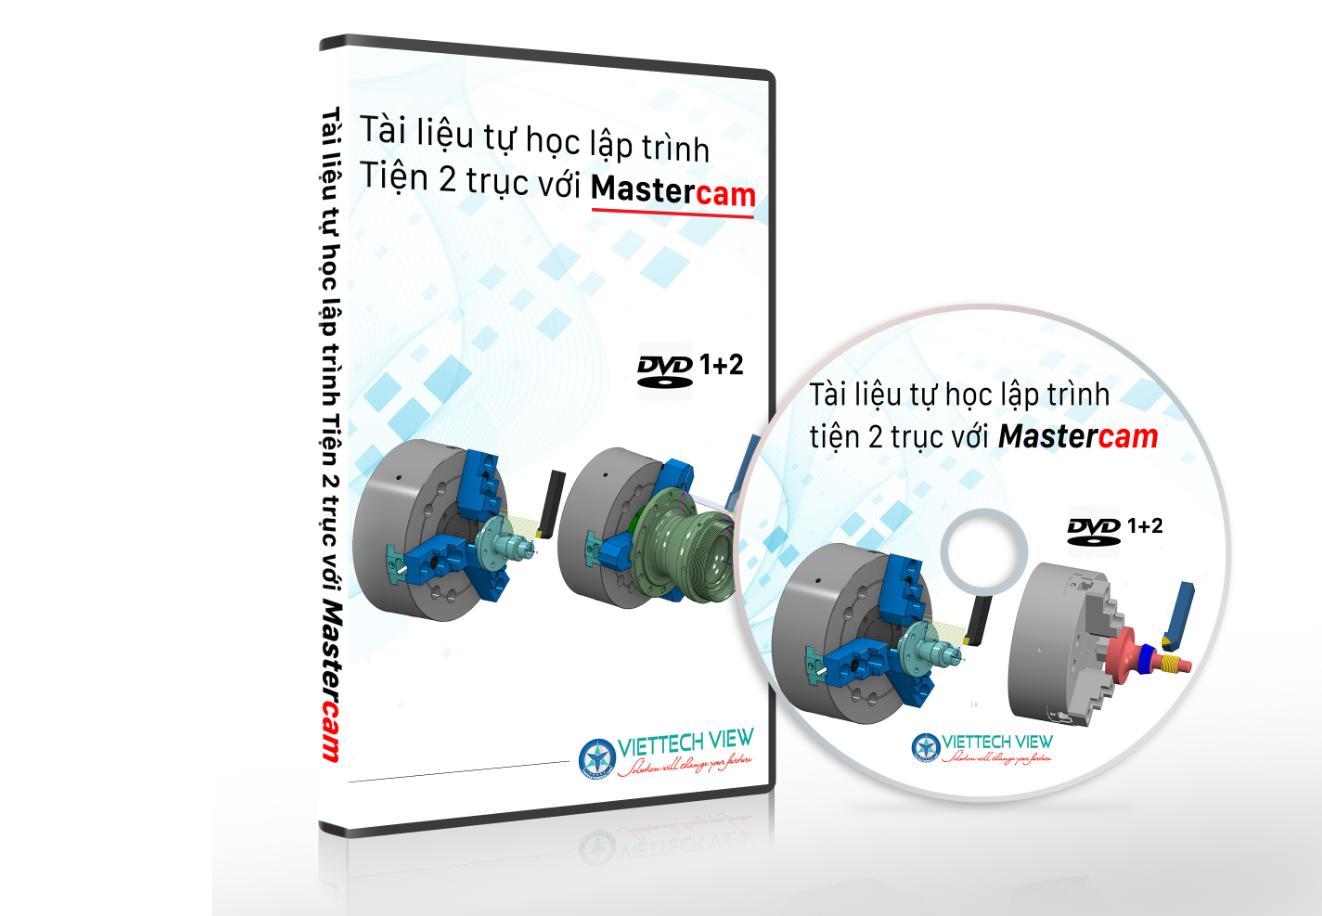 DVD -1 tự học lập trình tiện CNC 2 trục với Mastercam